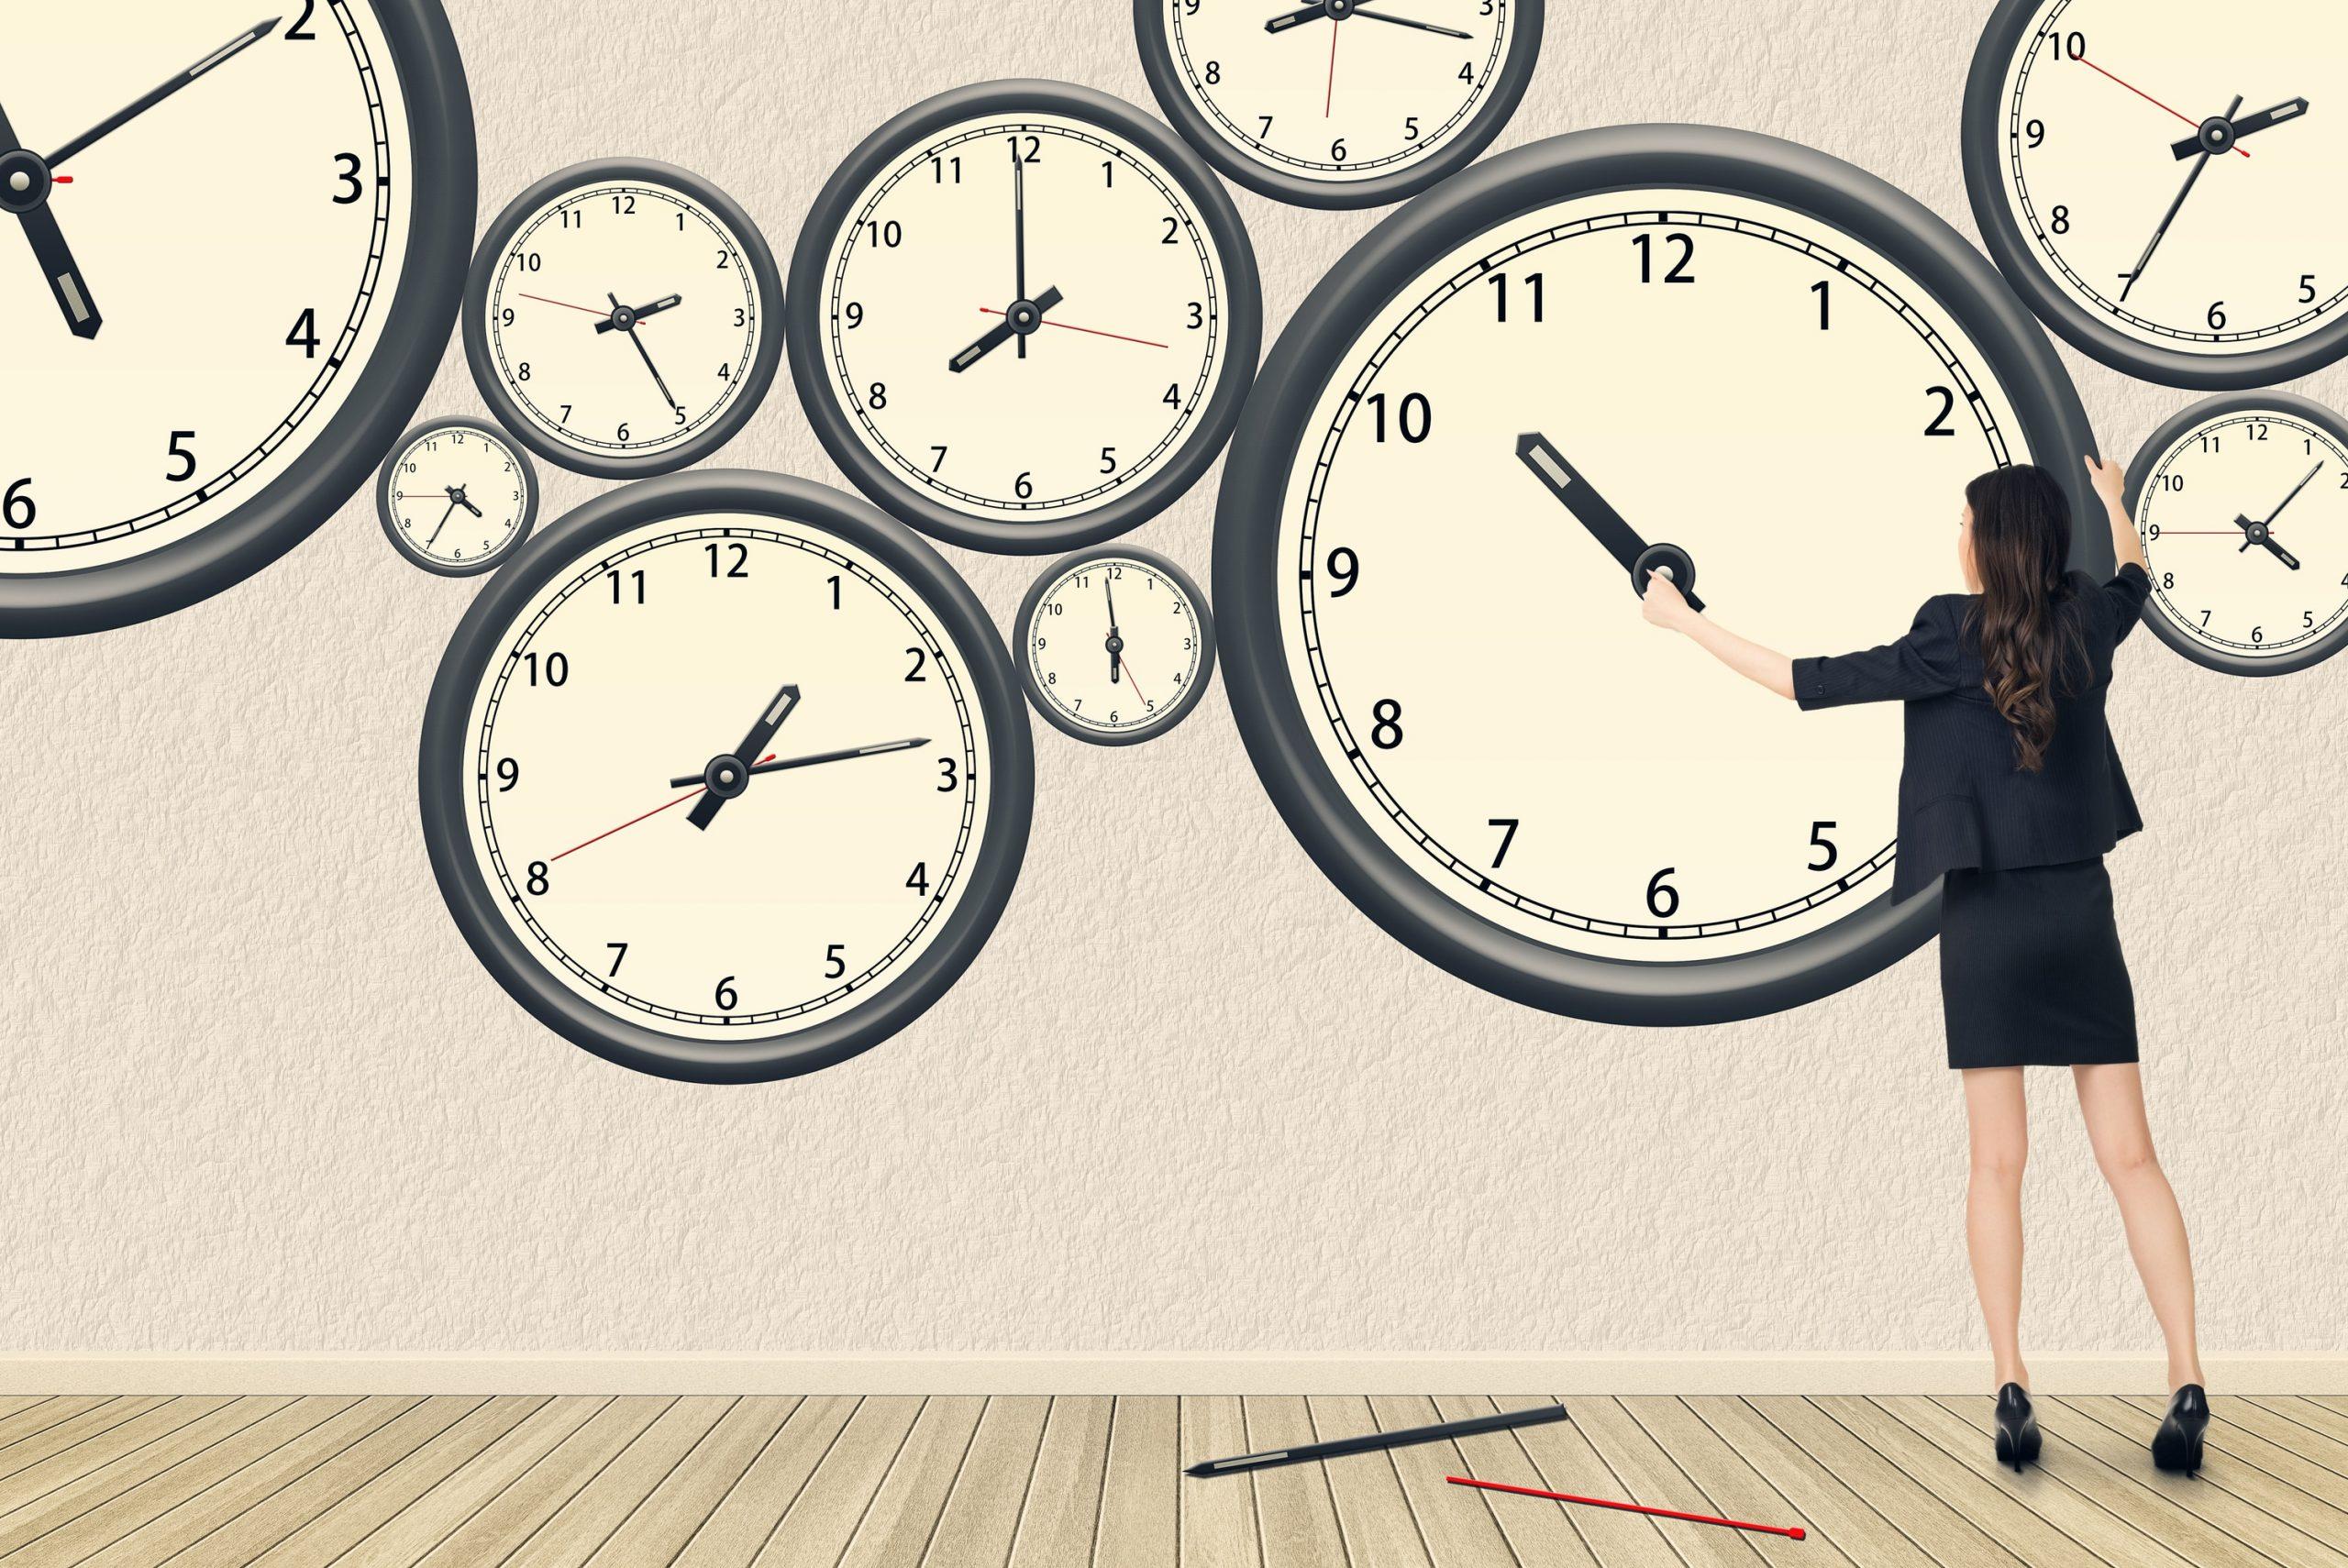 La zona de confort y la gestión del tiempo